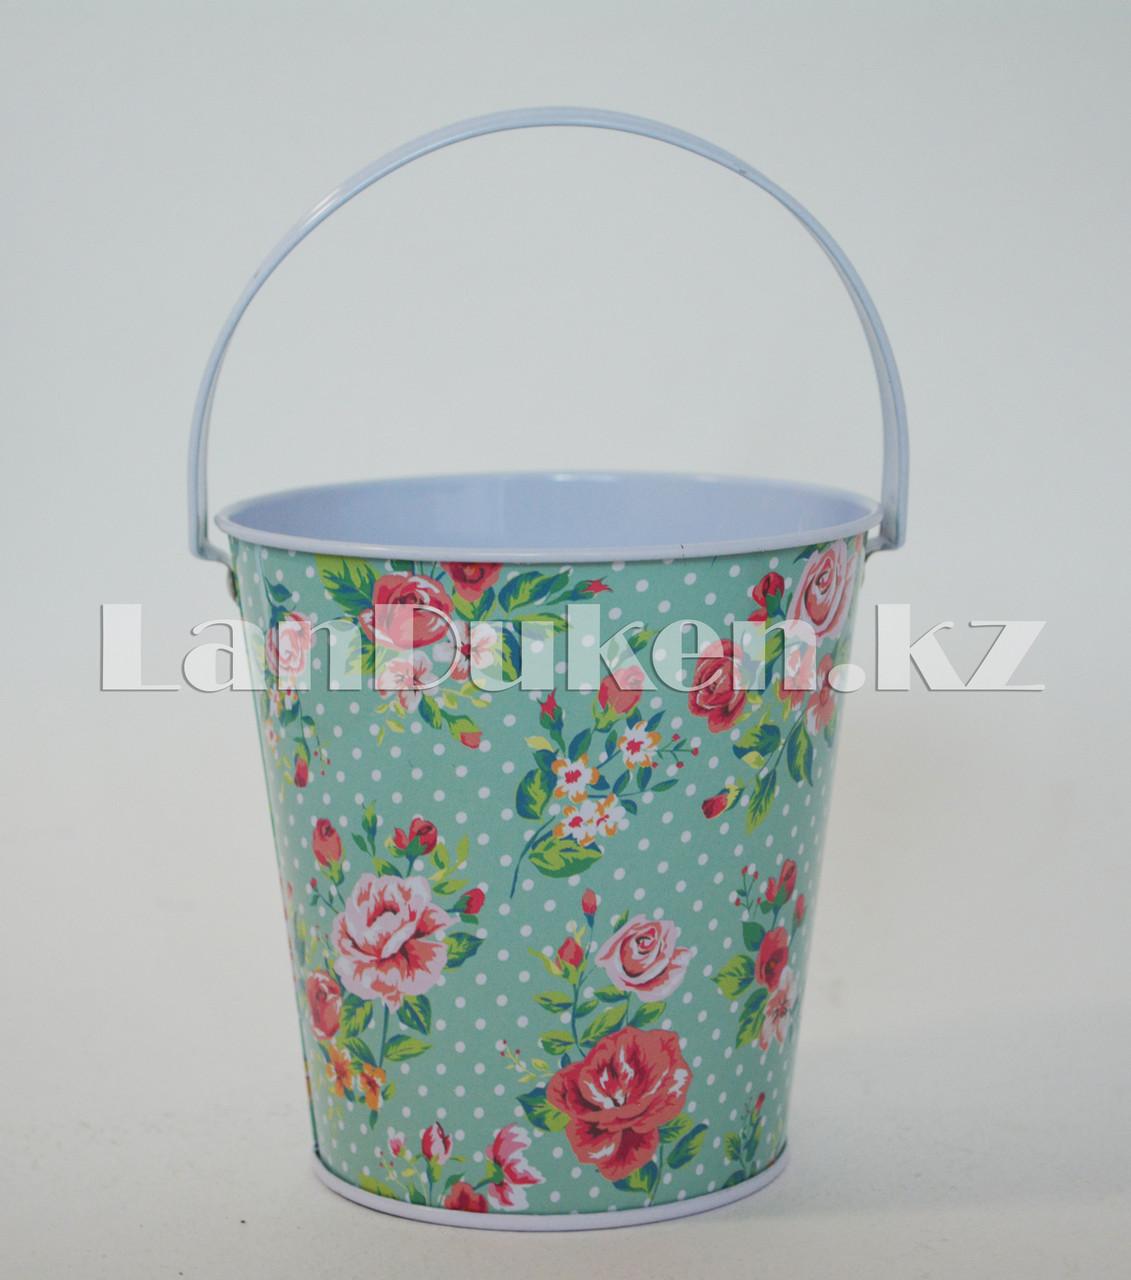 Ведро декоративное металлическое большое (бирюзовый с цветочным принтом) - фото 2